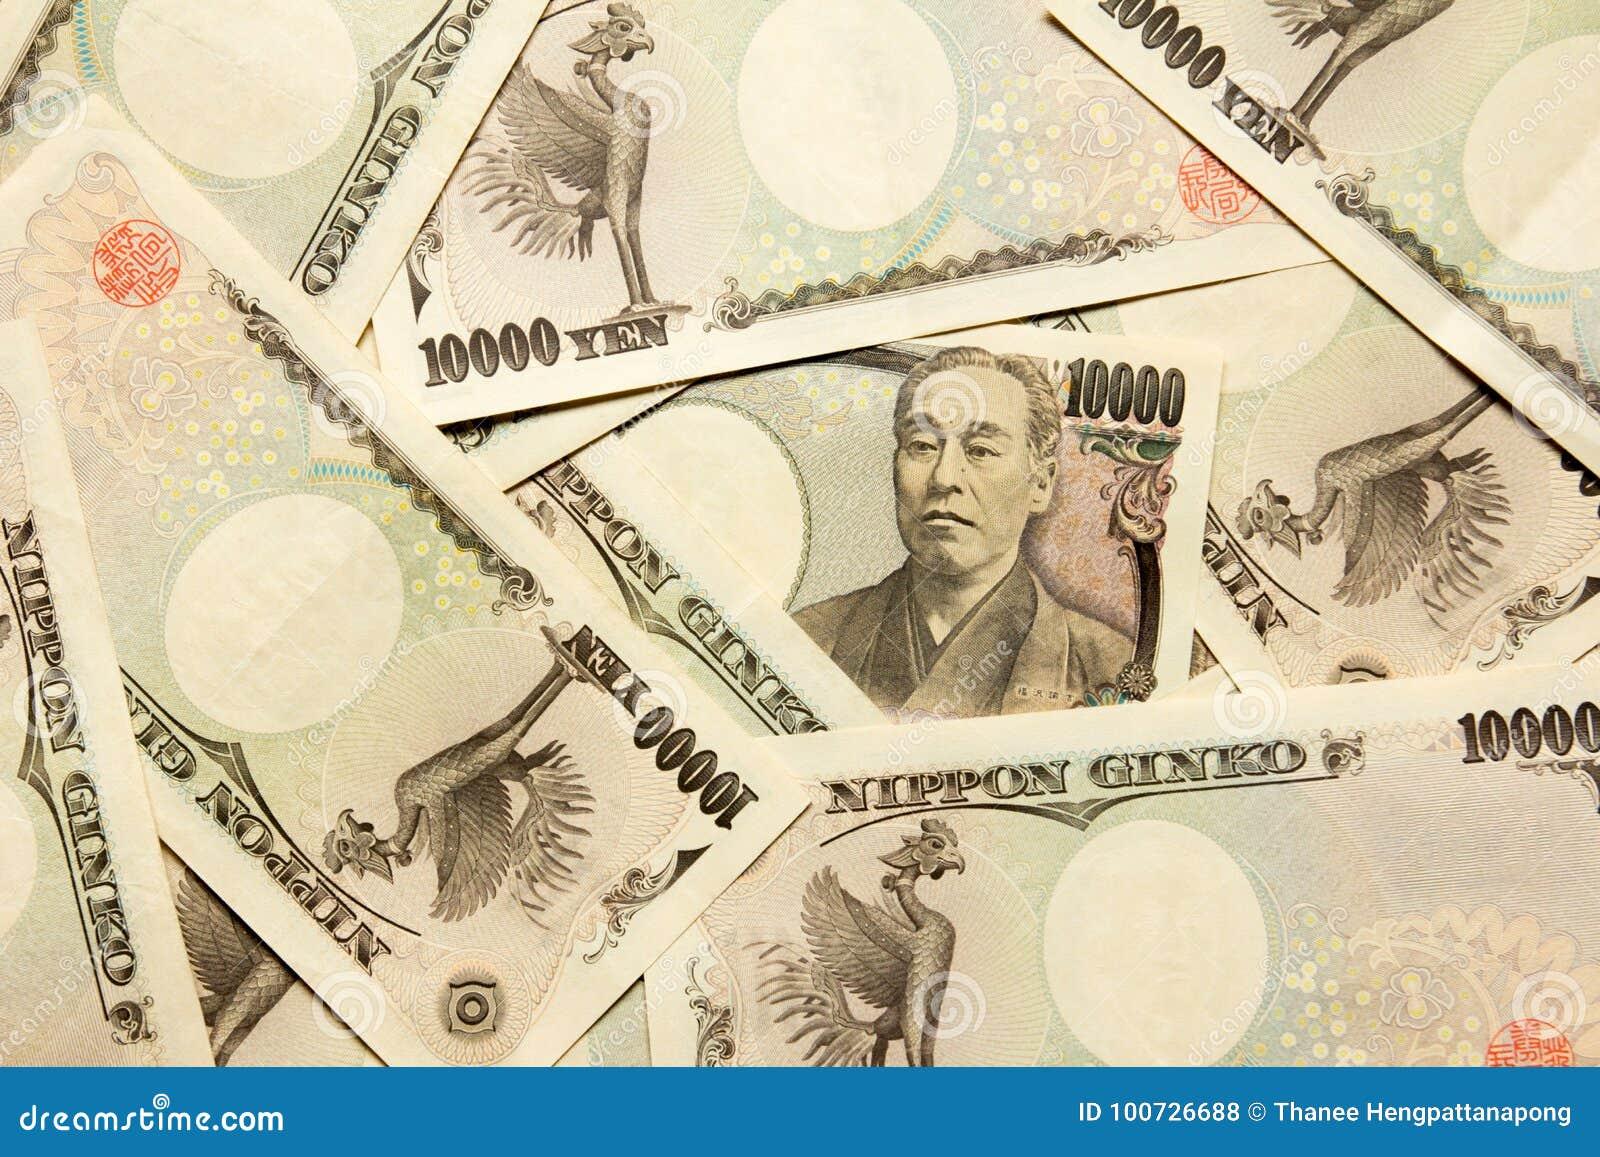 Ομάδα ιαπωνικού τραπεζογραμματίου 10000 γεν